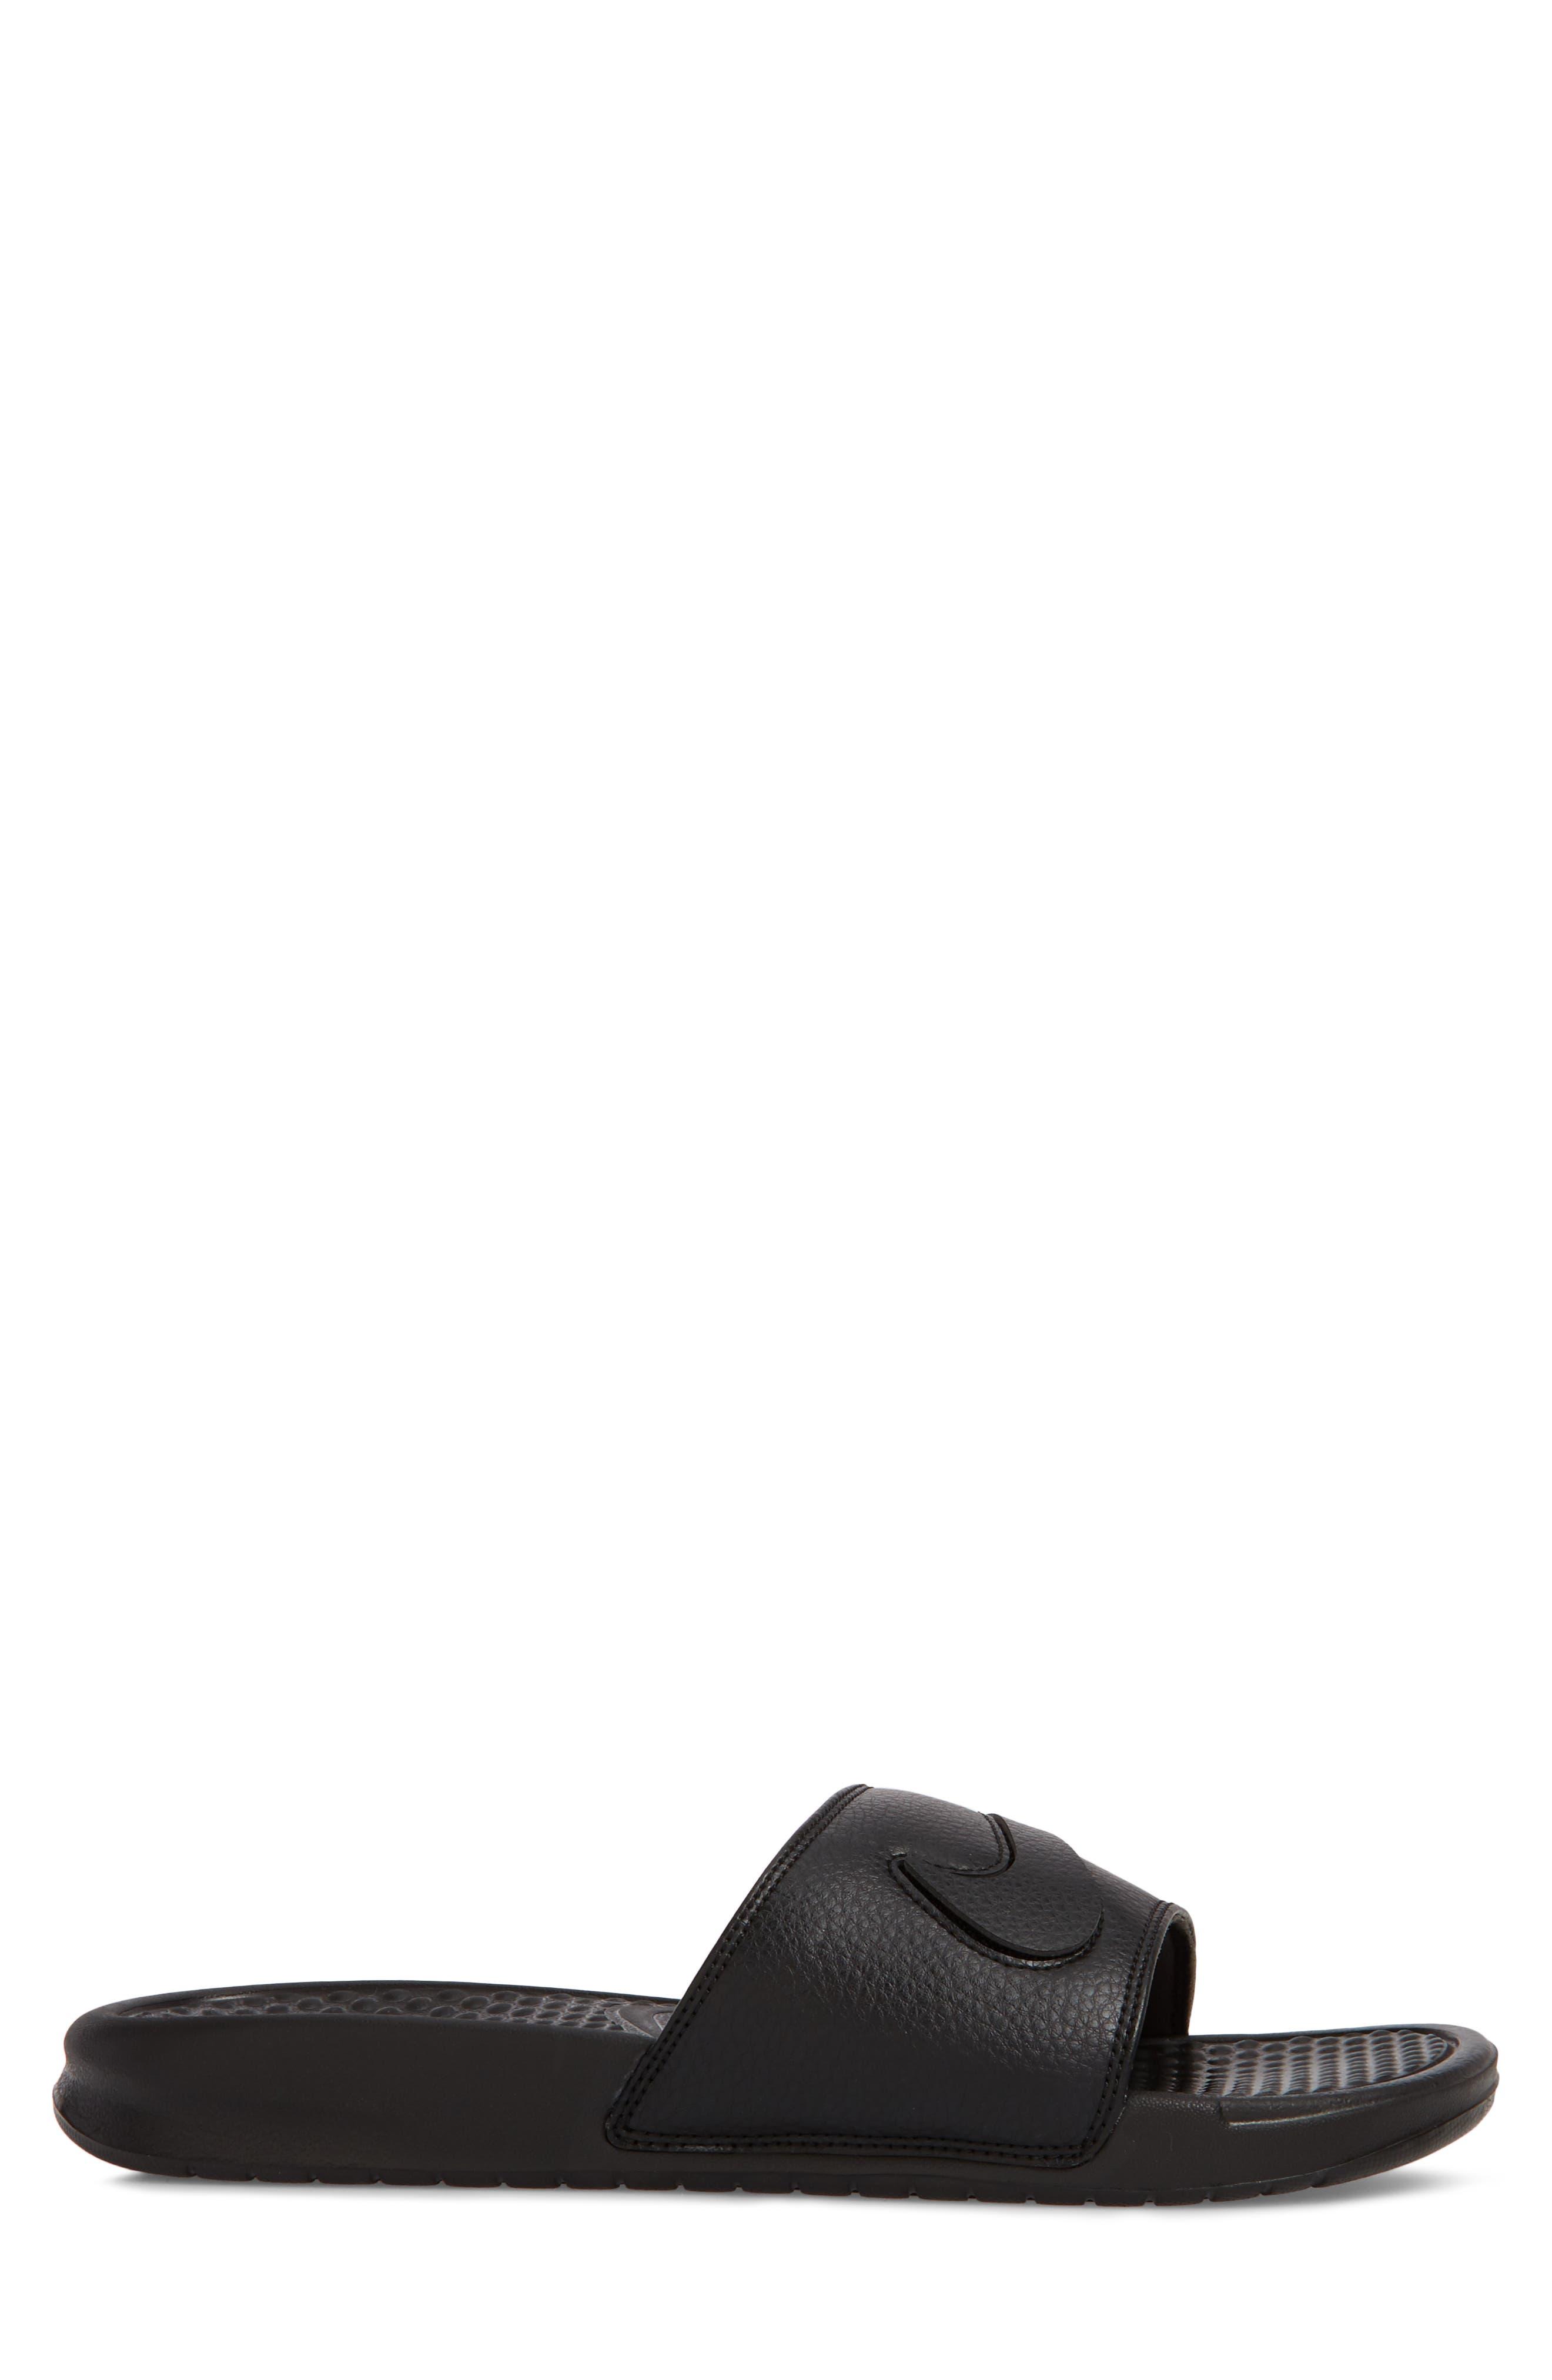 NIKE,                             Benassi JDI Customizable Slide Sandal,                             Alternate thumbnail 3, color,                             001